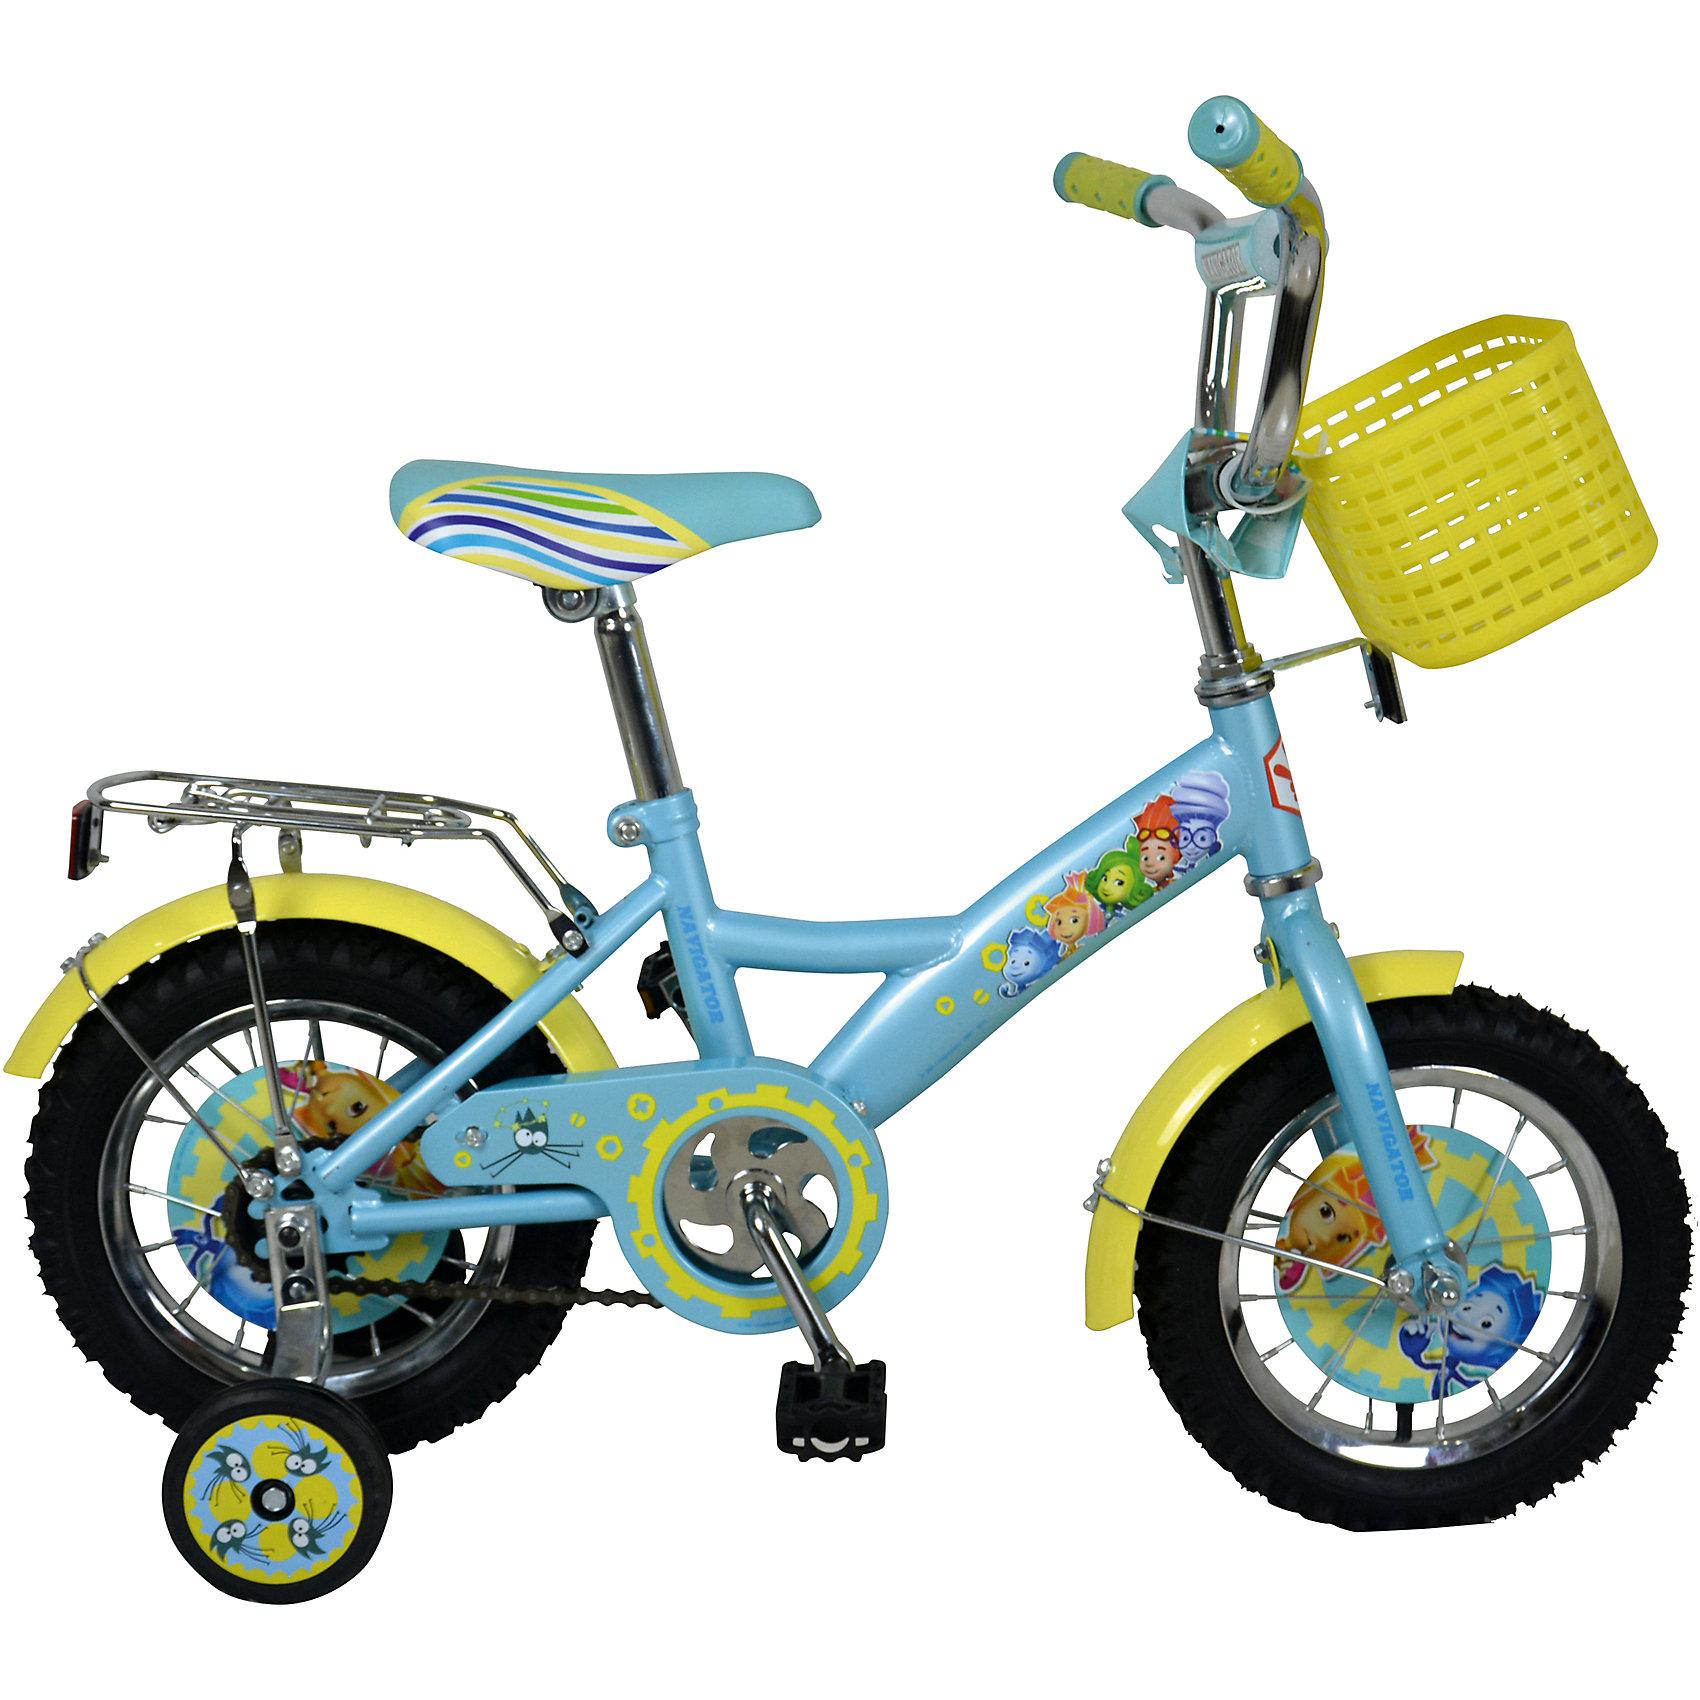 Велосипед Фиксики, NavigatorВелосипед Фиксики, Navigator (Навигатор) – это яркий, стильный, надежный велосипед высокого качества.<br>Детский велосипед Фиксики KITE-тип - это мечта любого ребенка, ведь на нем нарисованы любимые герои мультфильма «Фиксики». Он идеален для тех, кто только учится кататься и не умеет держать равновесие. Жесткая рама велосипеда выполнена из высокопрочного металла. Покрытие рамы устойчиво к царапинам. Высота руля и сиденья легко регулируется в соответствии с возрастом и ростом ребенка. Мягкая накладка на руле обеспечит небольшое смягчение при падении на руль. Колеса оснащены резиновыми шинами, которые хорошо удерживают воздух. Велосипед имеет дополнительные страховочные колеса, защиту цепи, стальные обода для защиты от брызг, удобное сиденье эргономичной формы со слоем пенного наполнителя, пластиковую корзинку на руле, пищалку, задний багажник. Основные колеса декорированы яркими вставками в стиле Фиксики. На ручках руля нескользящие накладки. Катание на велосипеде поможет ребенку укрепить опорно-двигательную и сердечнососудистую системы.<br><br>Дополнительная информация:<br><br>- Возрастная категория: 2,5 - 4 лет<br>- Подходит для детей ростом 85 - 110 см.<br>- Диаметр колёс: 12 дюймов<br>- Односоставной шатун<br>- Ножной тормоз<br>- Материал рамы: сталь<br>- Вес в упаковке: 9 кг.<br><br>Велосипед Фиксики, Navigator (Навигатор) можно купить в нашем интернет-магазине.<br><br>Ширина мм: 805<br>Глубина мм: 170<br>Высота мм: 365<br>Вес г: 9000<br>Возраст от месяцев: 300<br>Возраст до месяцев: 84<br>Пол: Унисекс<br>Возраст: Детский<br>SKU: 4655118